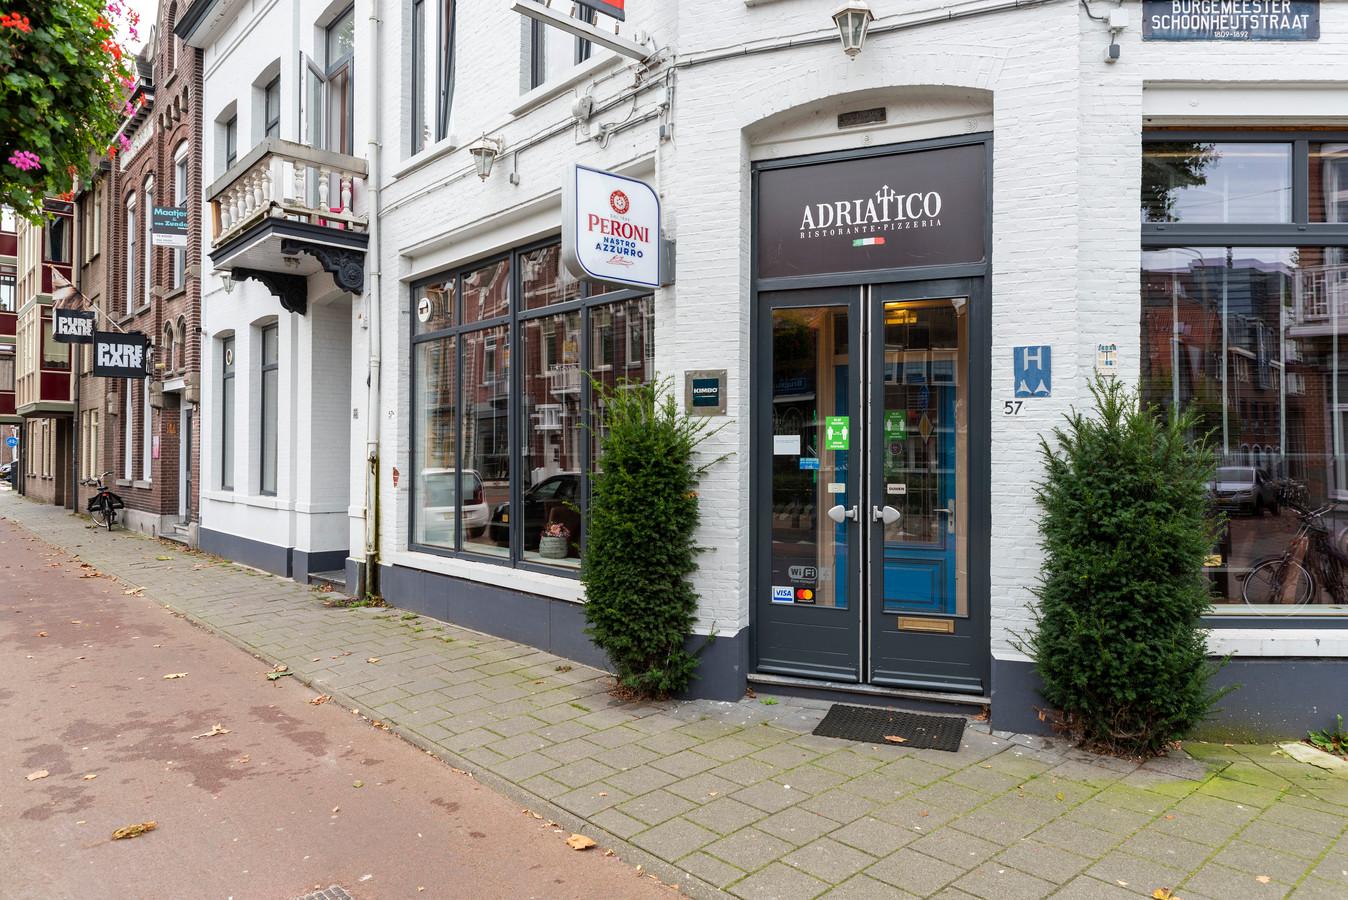 Restaurant Adriatico aan de Brugstraat in Roosendaal